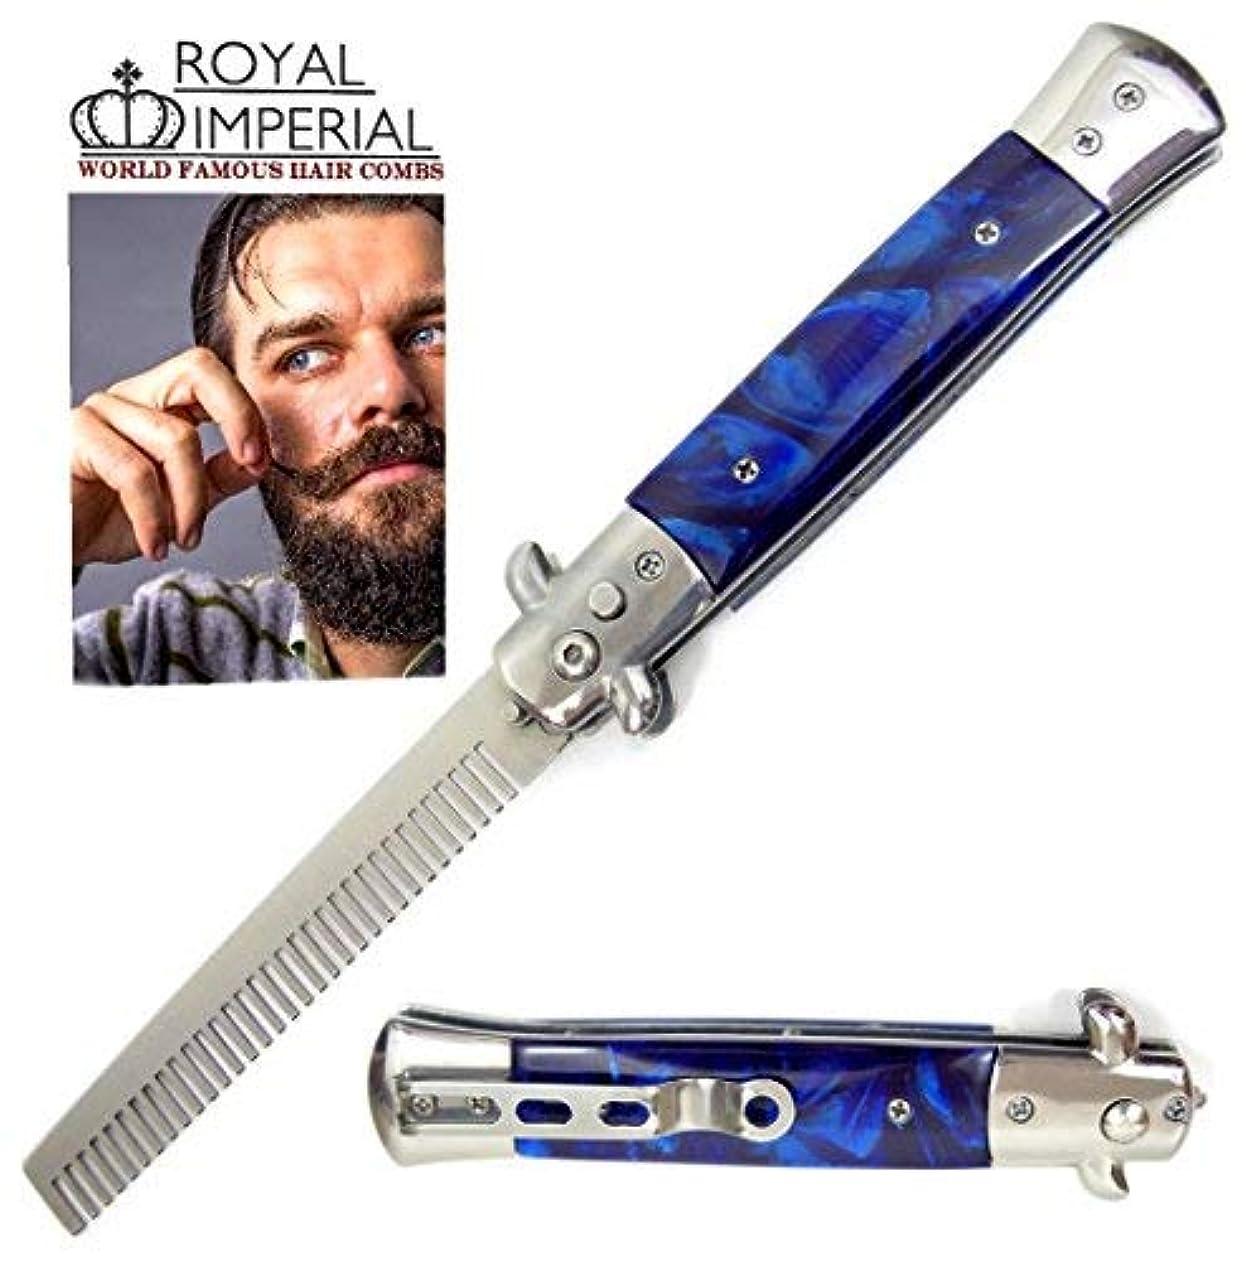 ペパーミントベールスポンジRoyal Imperial Metal Switchblade Pocket Folding Flick Hair Comb For Beard, Mustache, Head BLUE CYCLONE Handle...